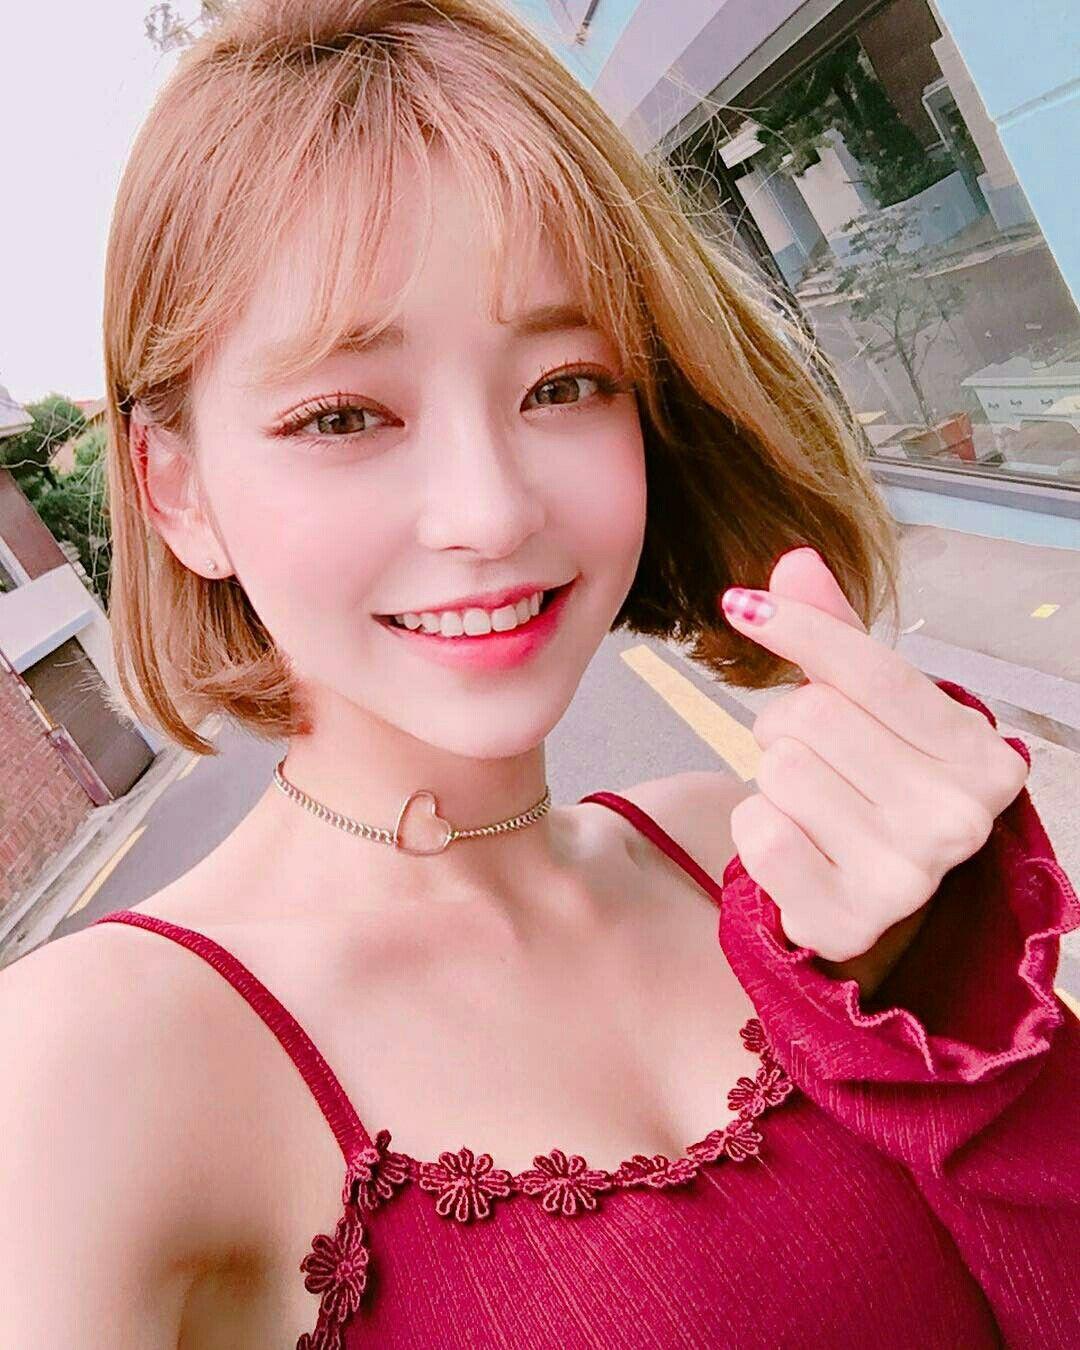 pussy Korean ulzzang girl